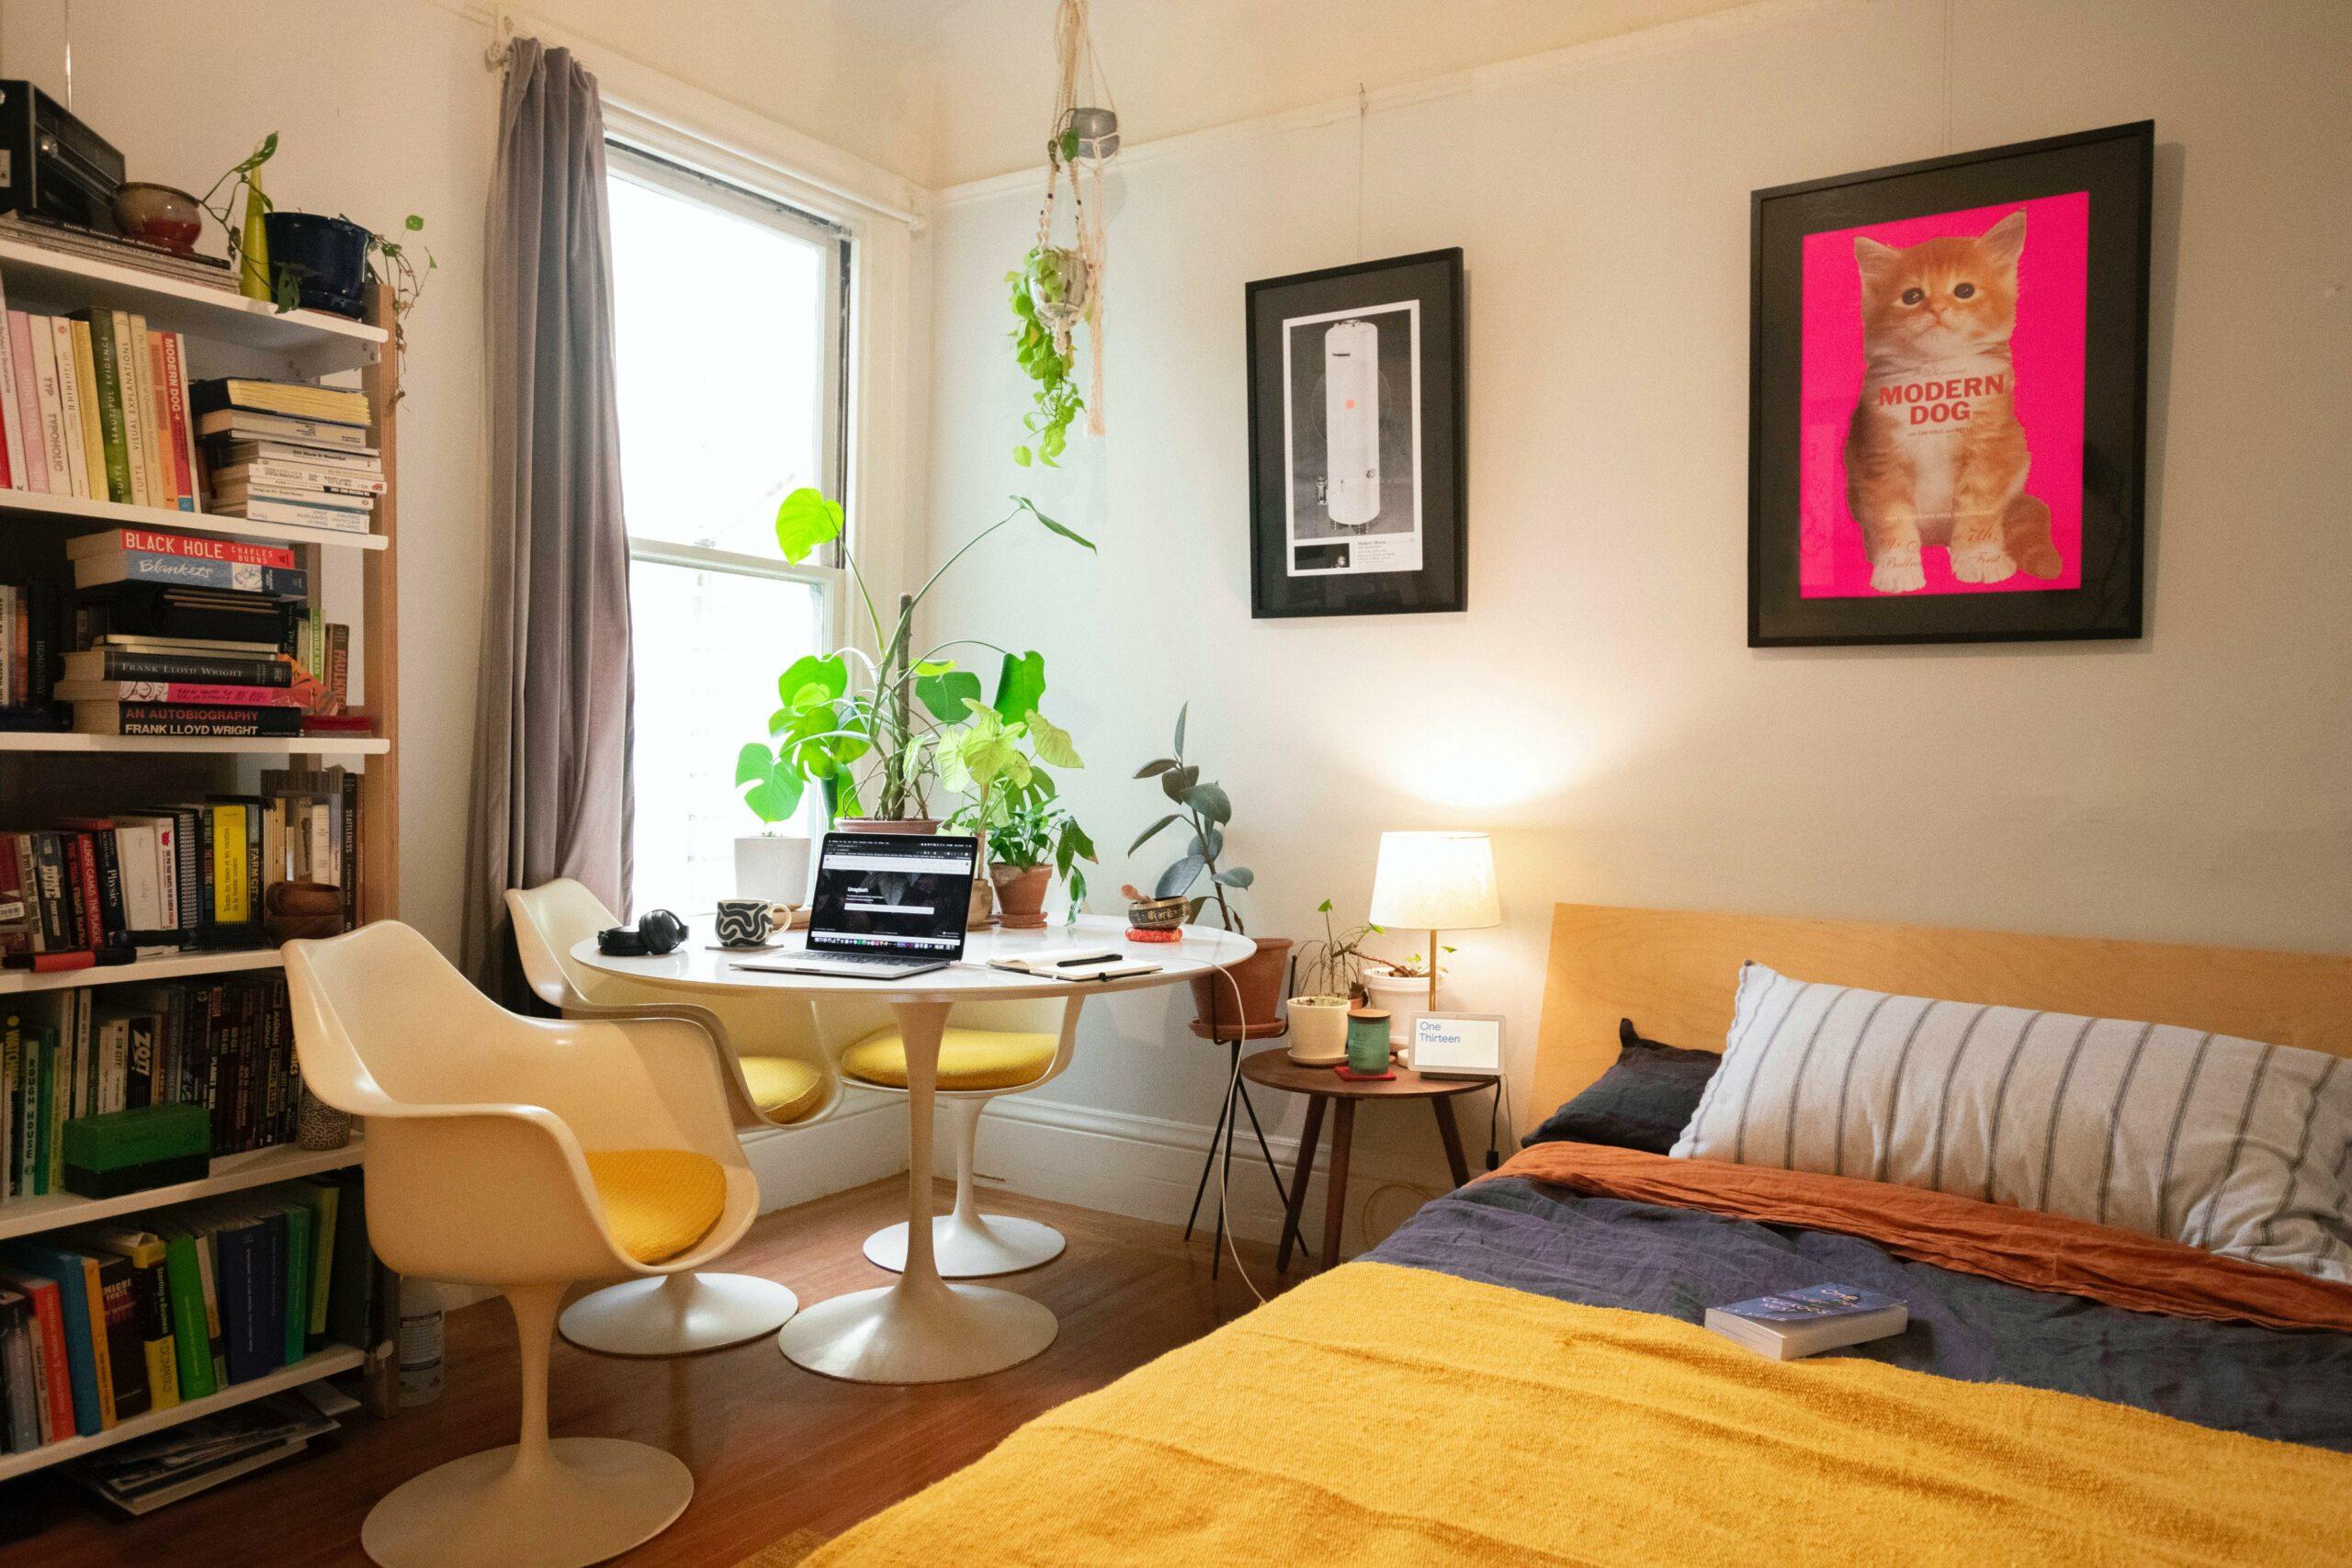 Umístění sídla v bytě: výhoda či komplikace?